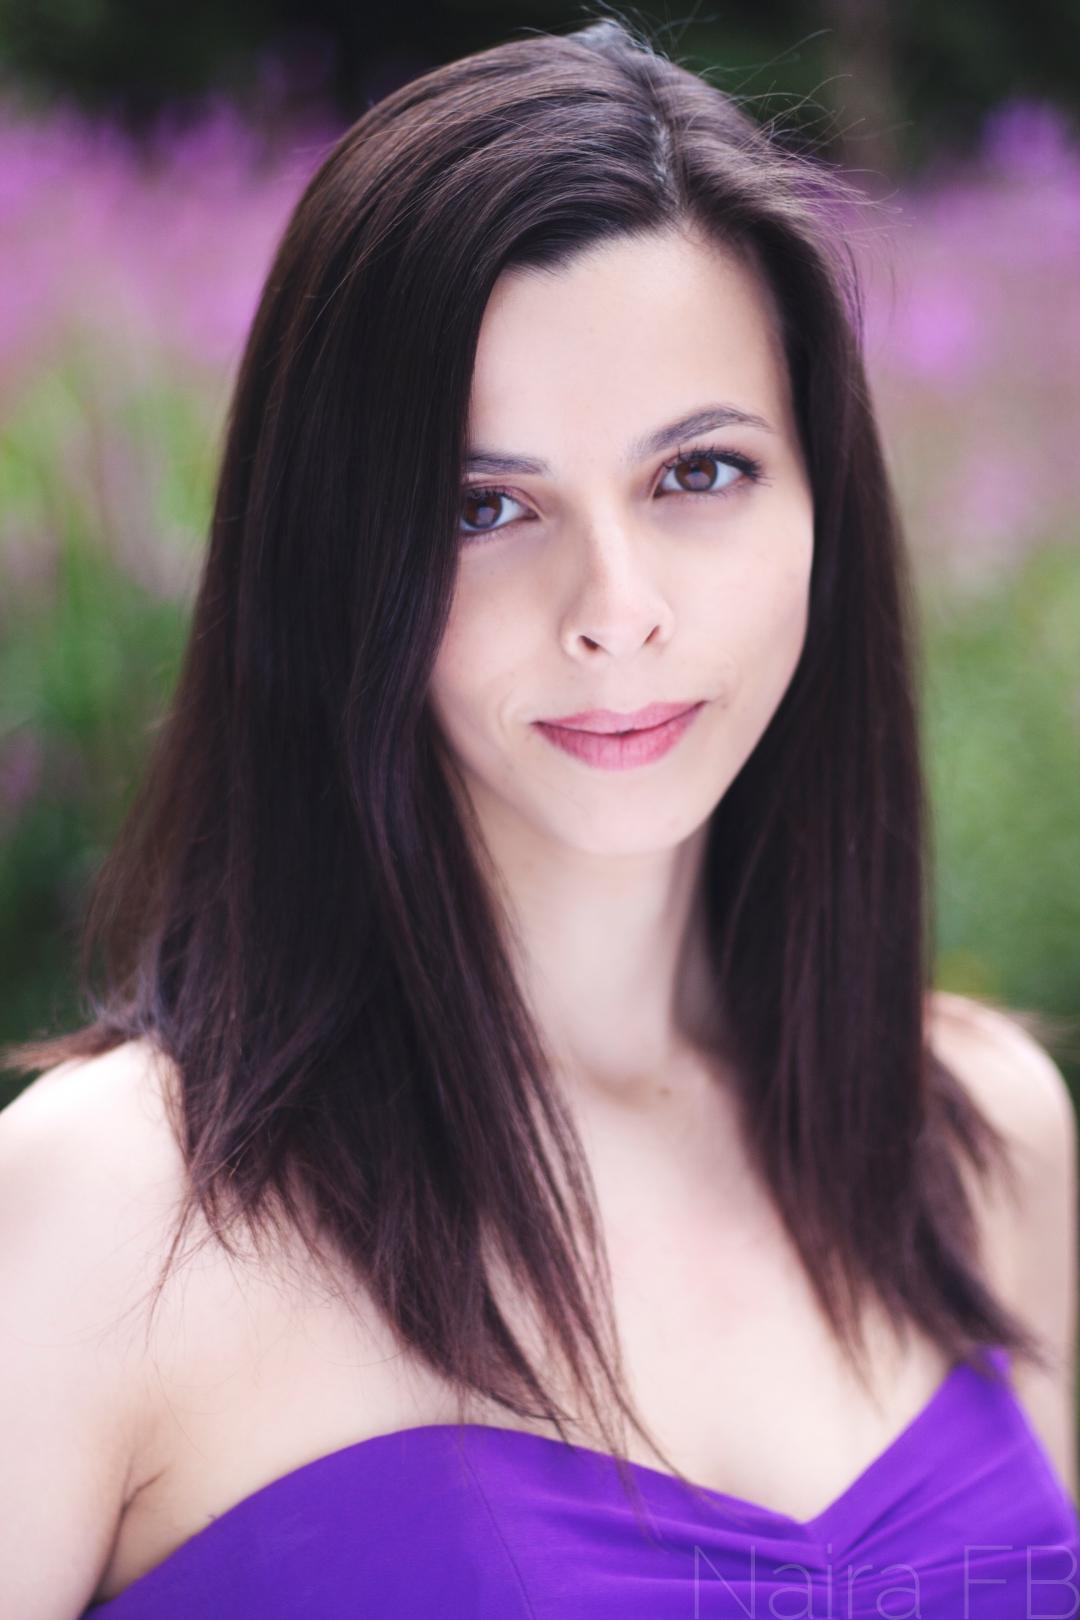 Joana Gil, singer